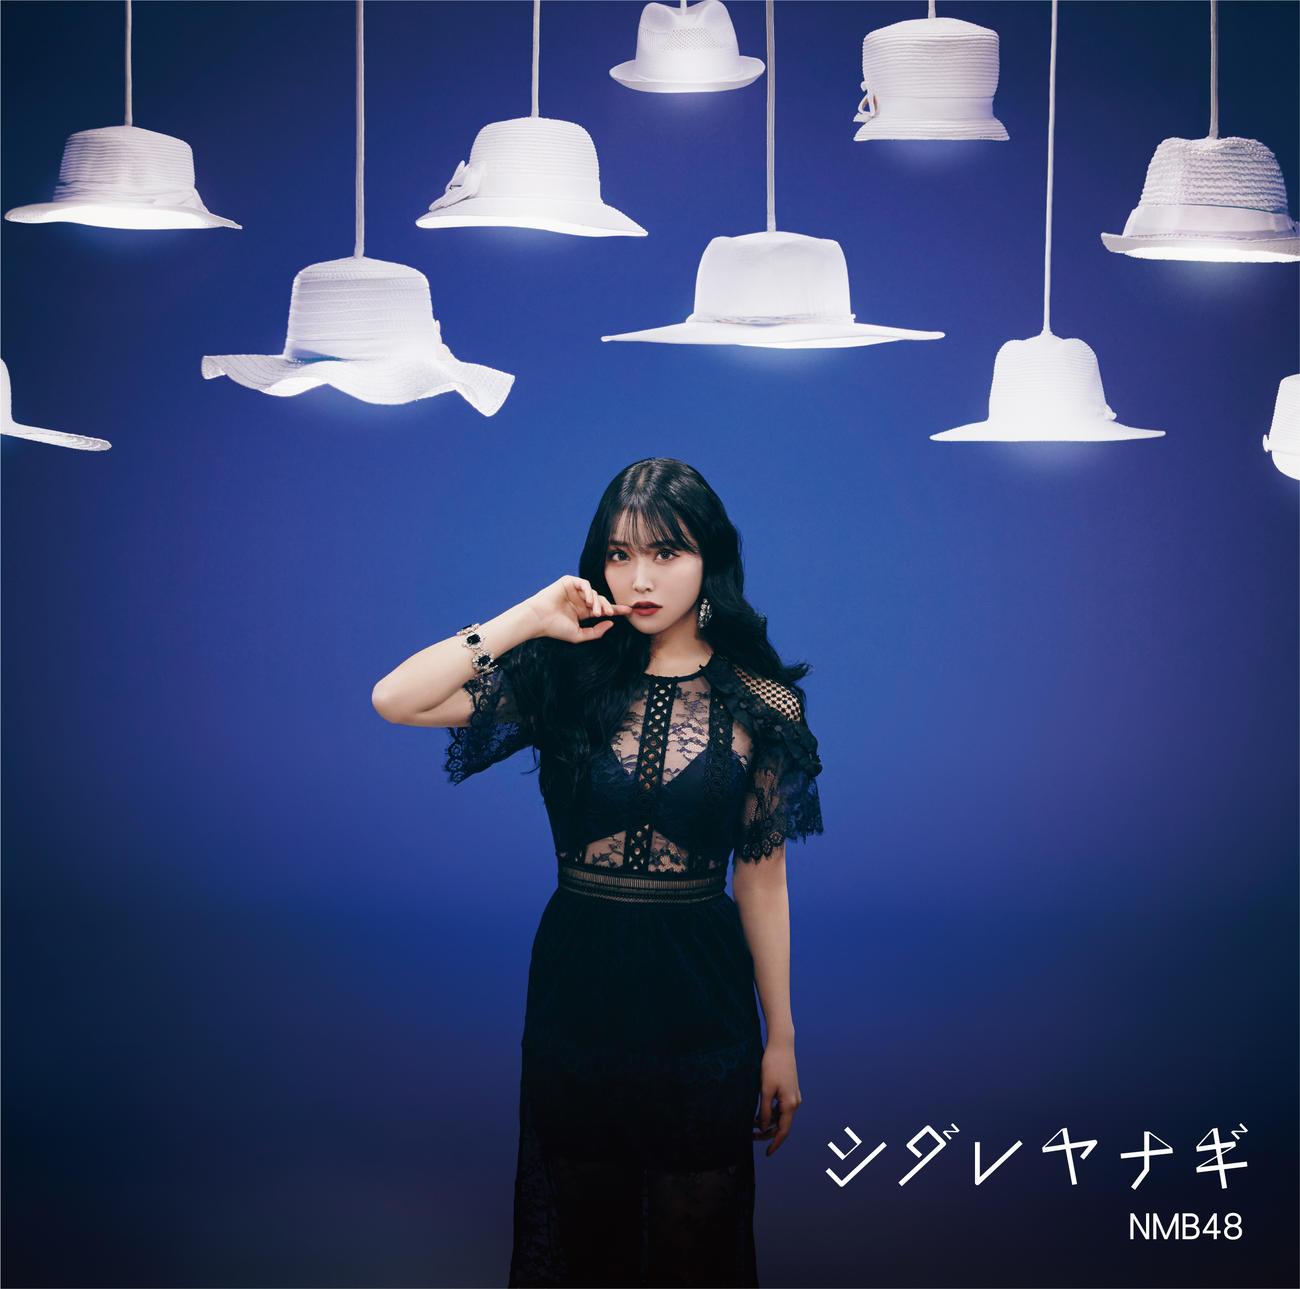 白間美瑠のソロ曲を収録した劇場盤(C)NMB48